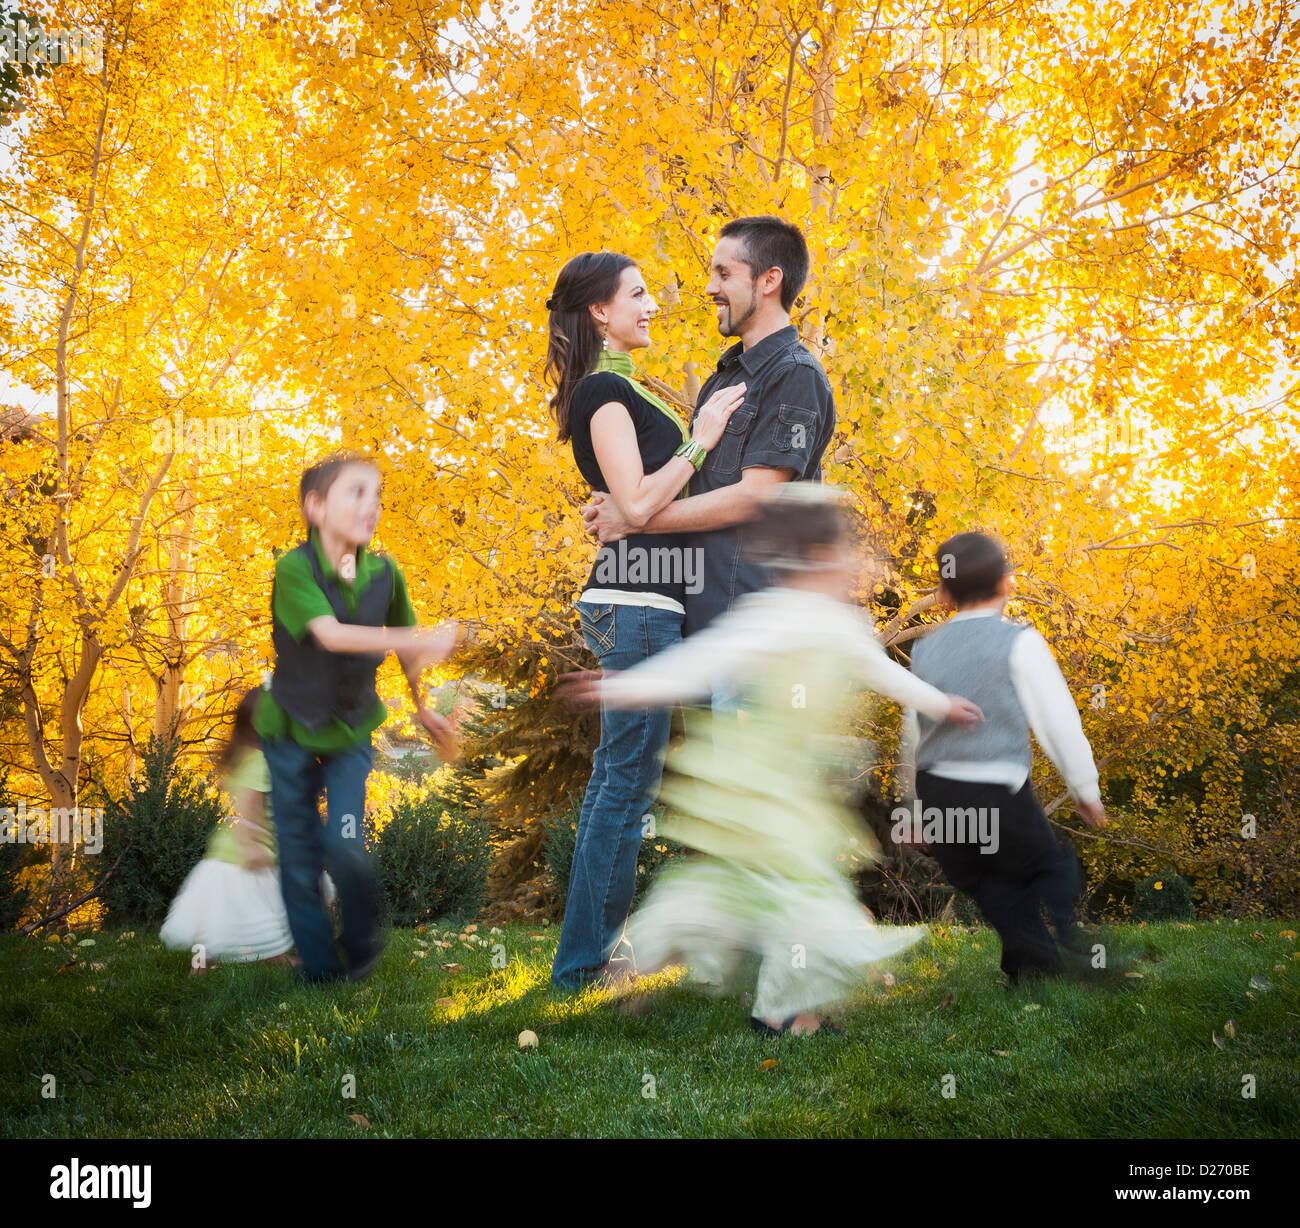 Estados Unidos, Utah, abundante, Familia con niños (2-3, 4-5, 6-7, 8-9) bailando en el jardín en otoño Imagen De Stock